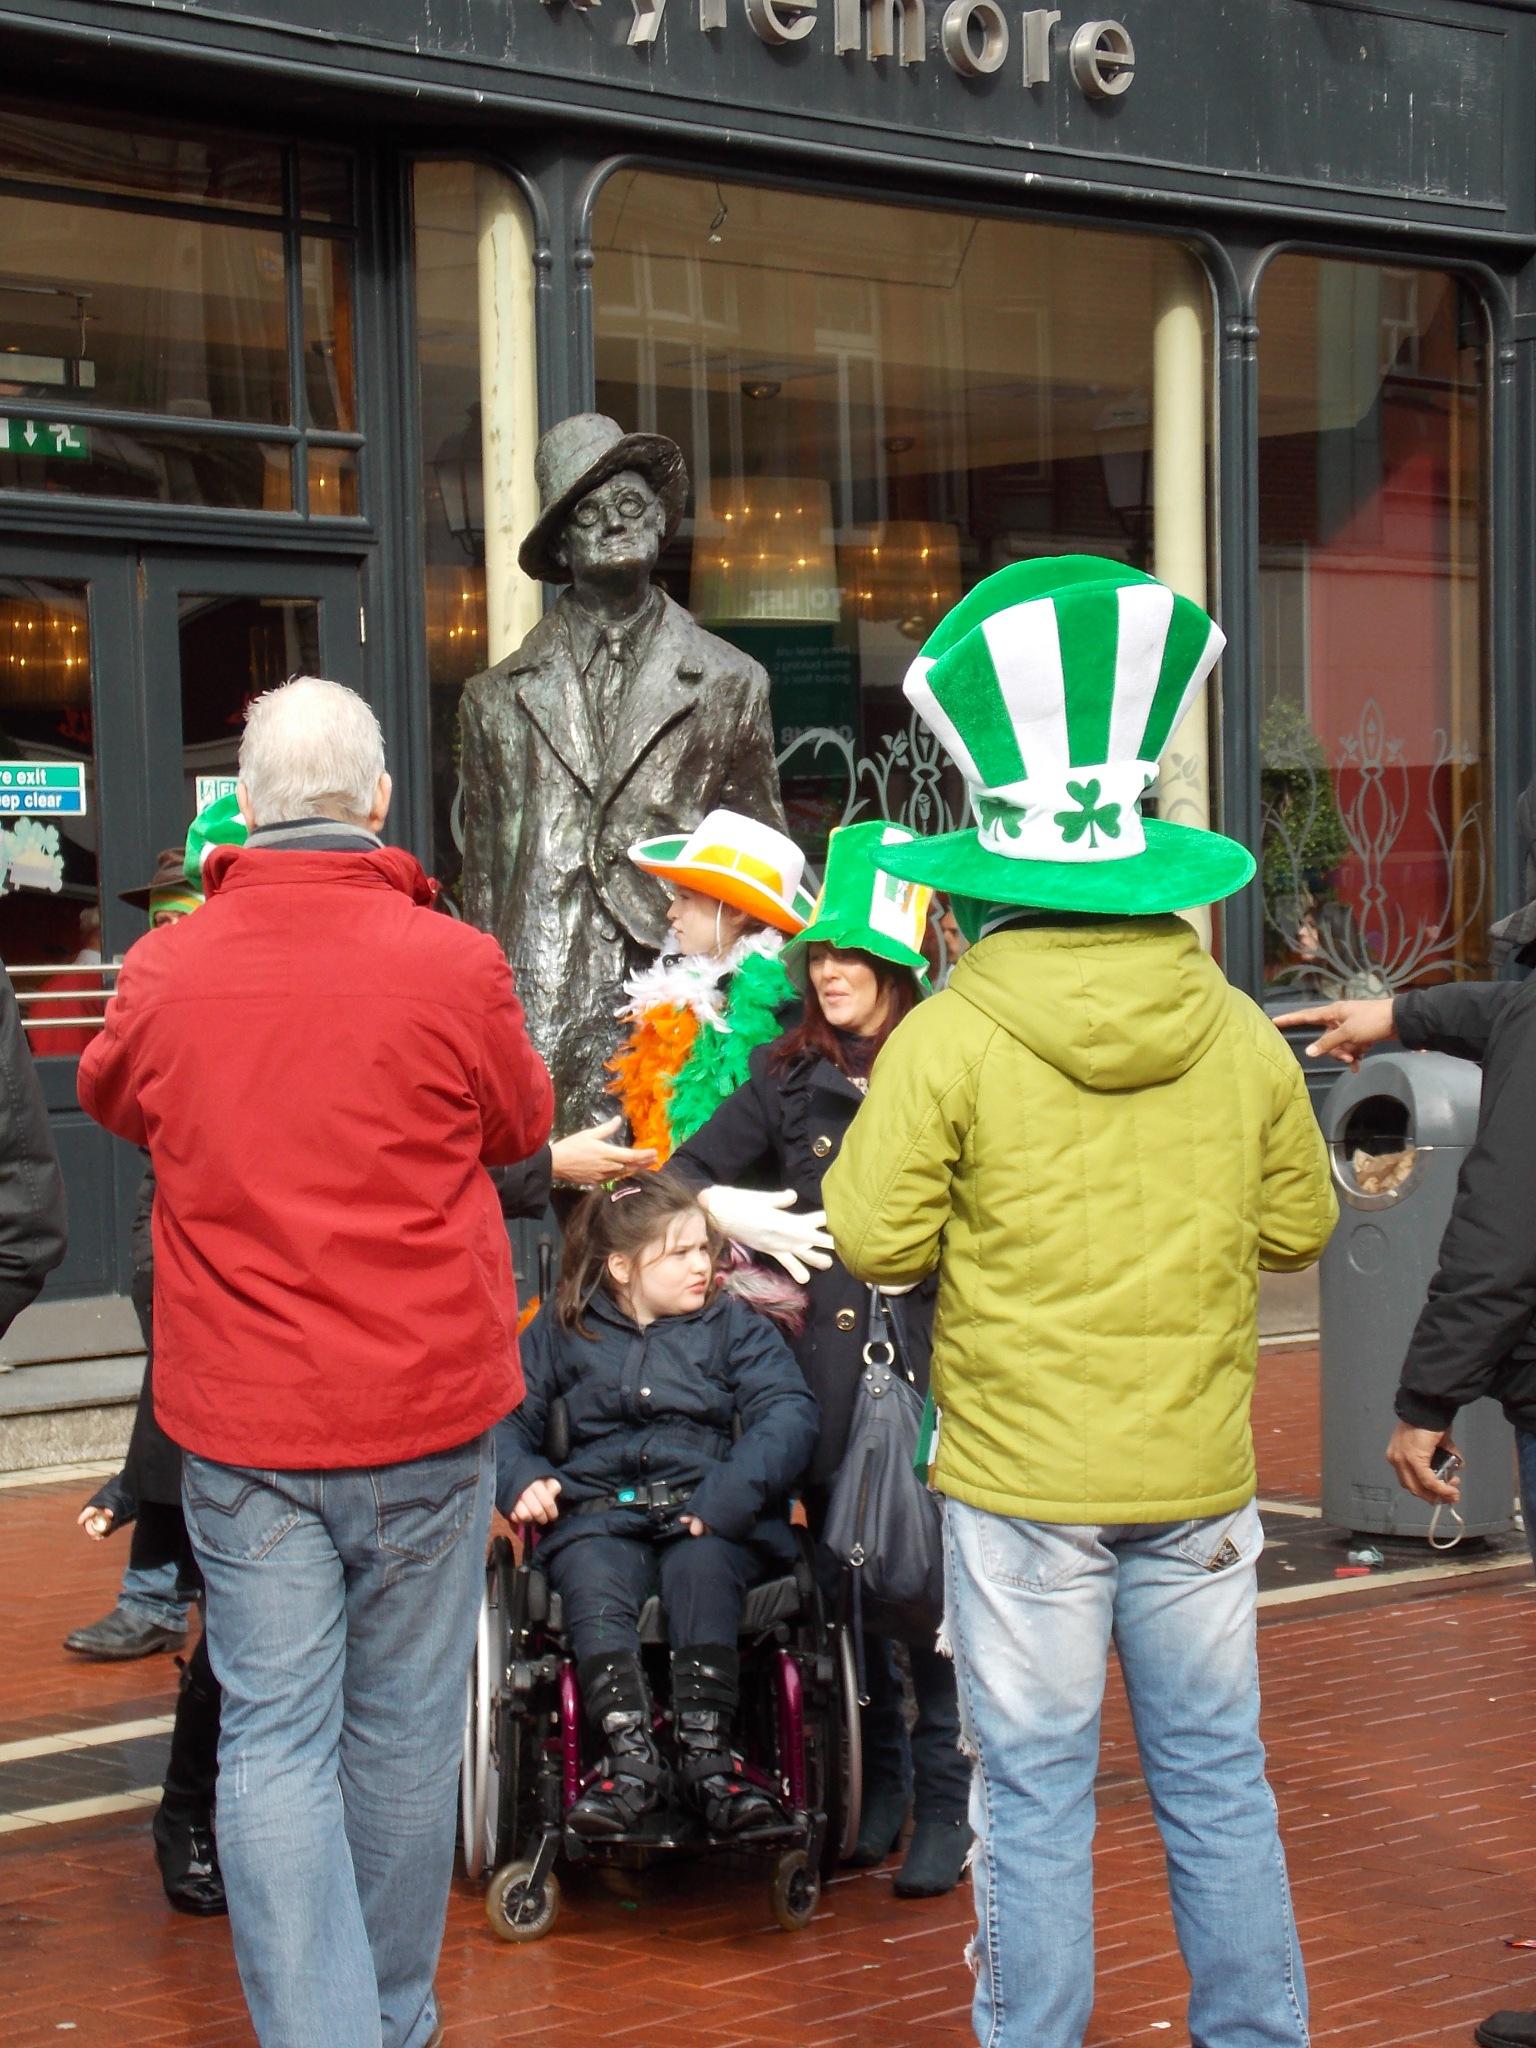 James Joyce & Dublin by Jorge Giro